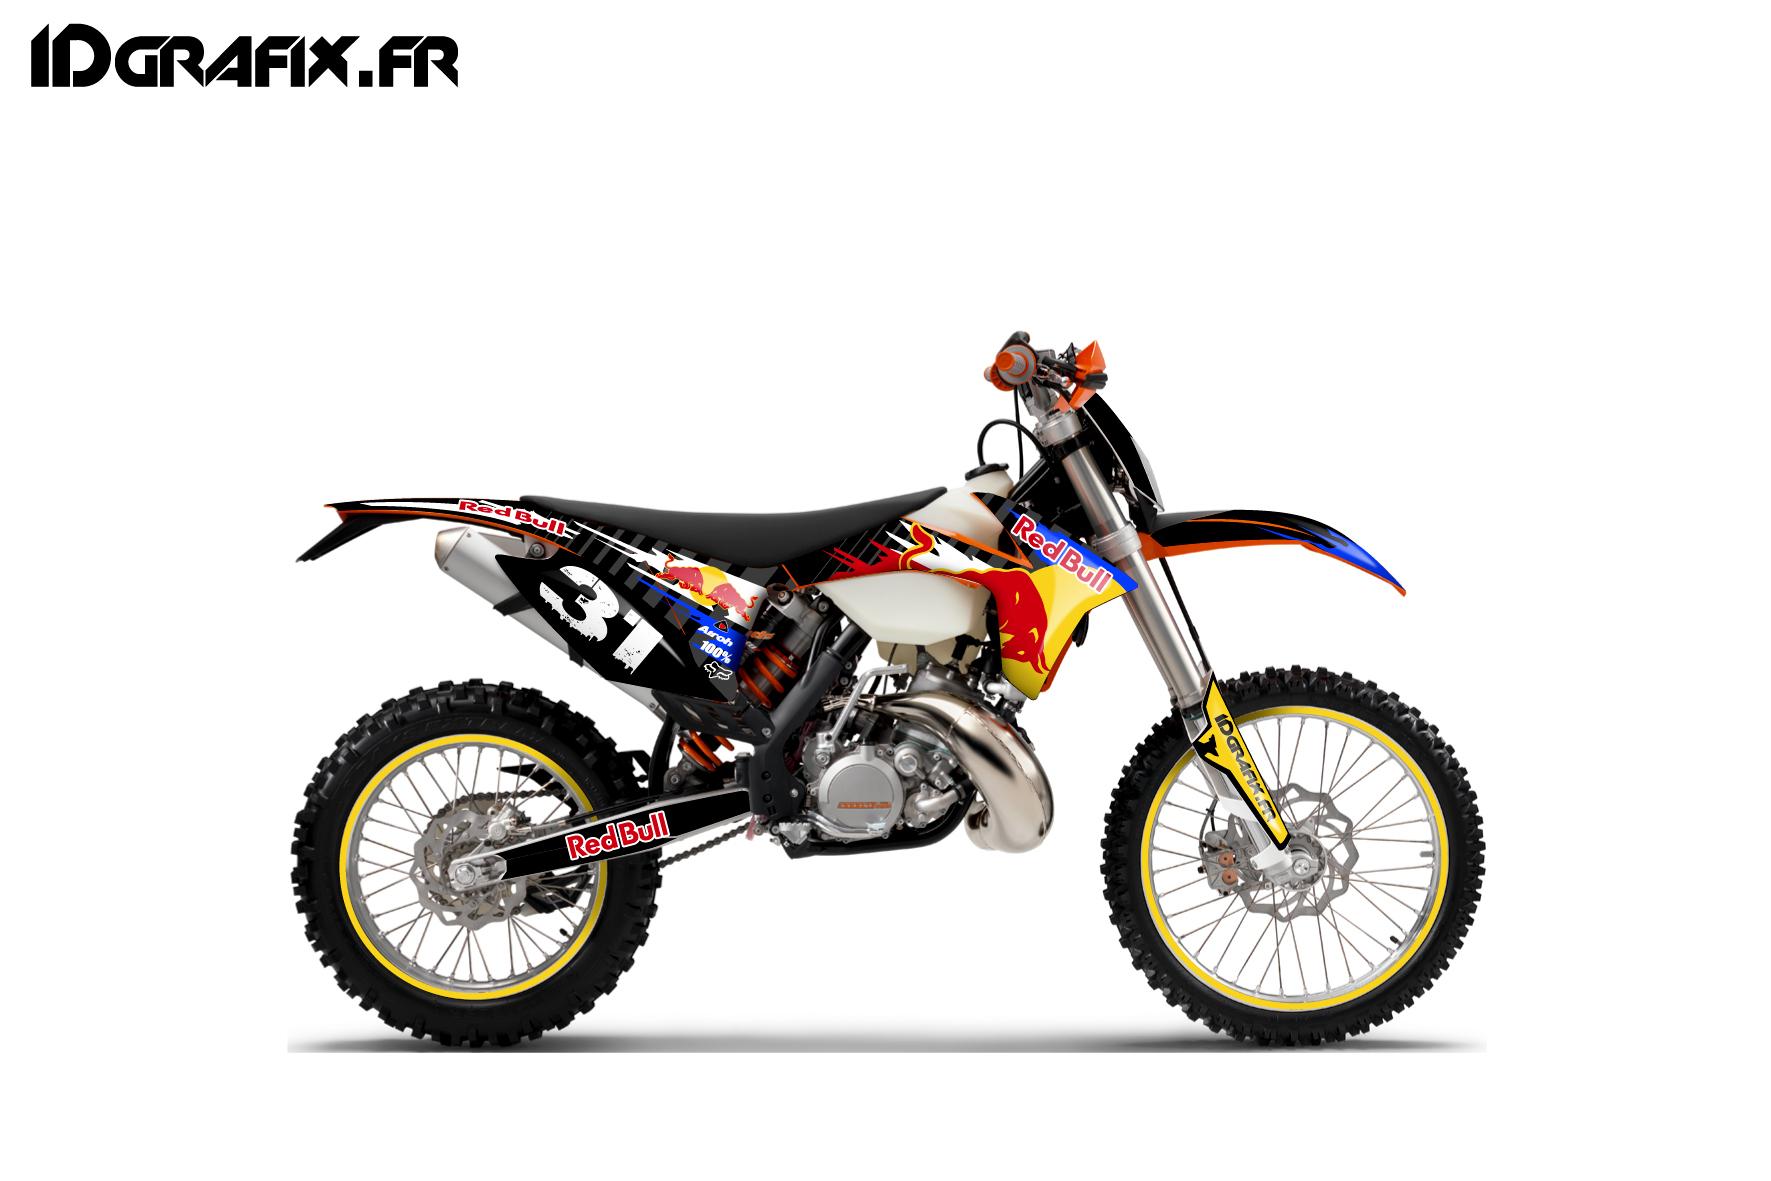 Kit déco client pour KTM 300 EXC by Idgrafix.fr. 300exc Monster Assault 300exc redbull